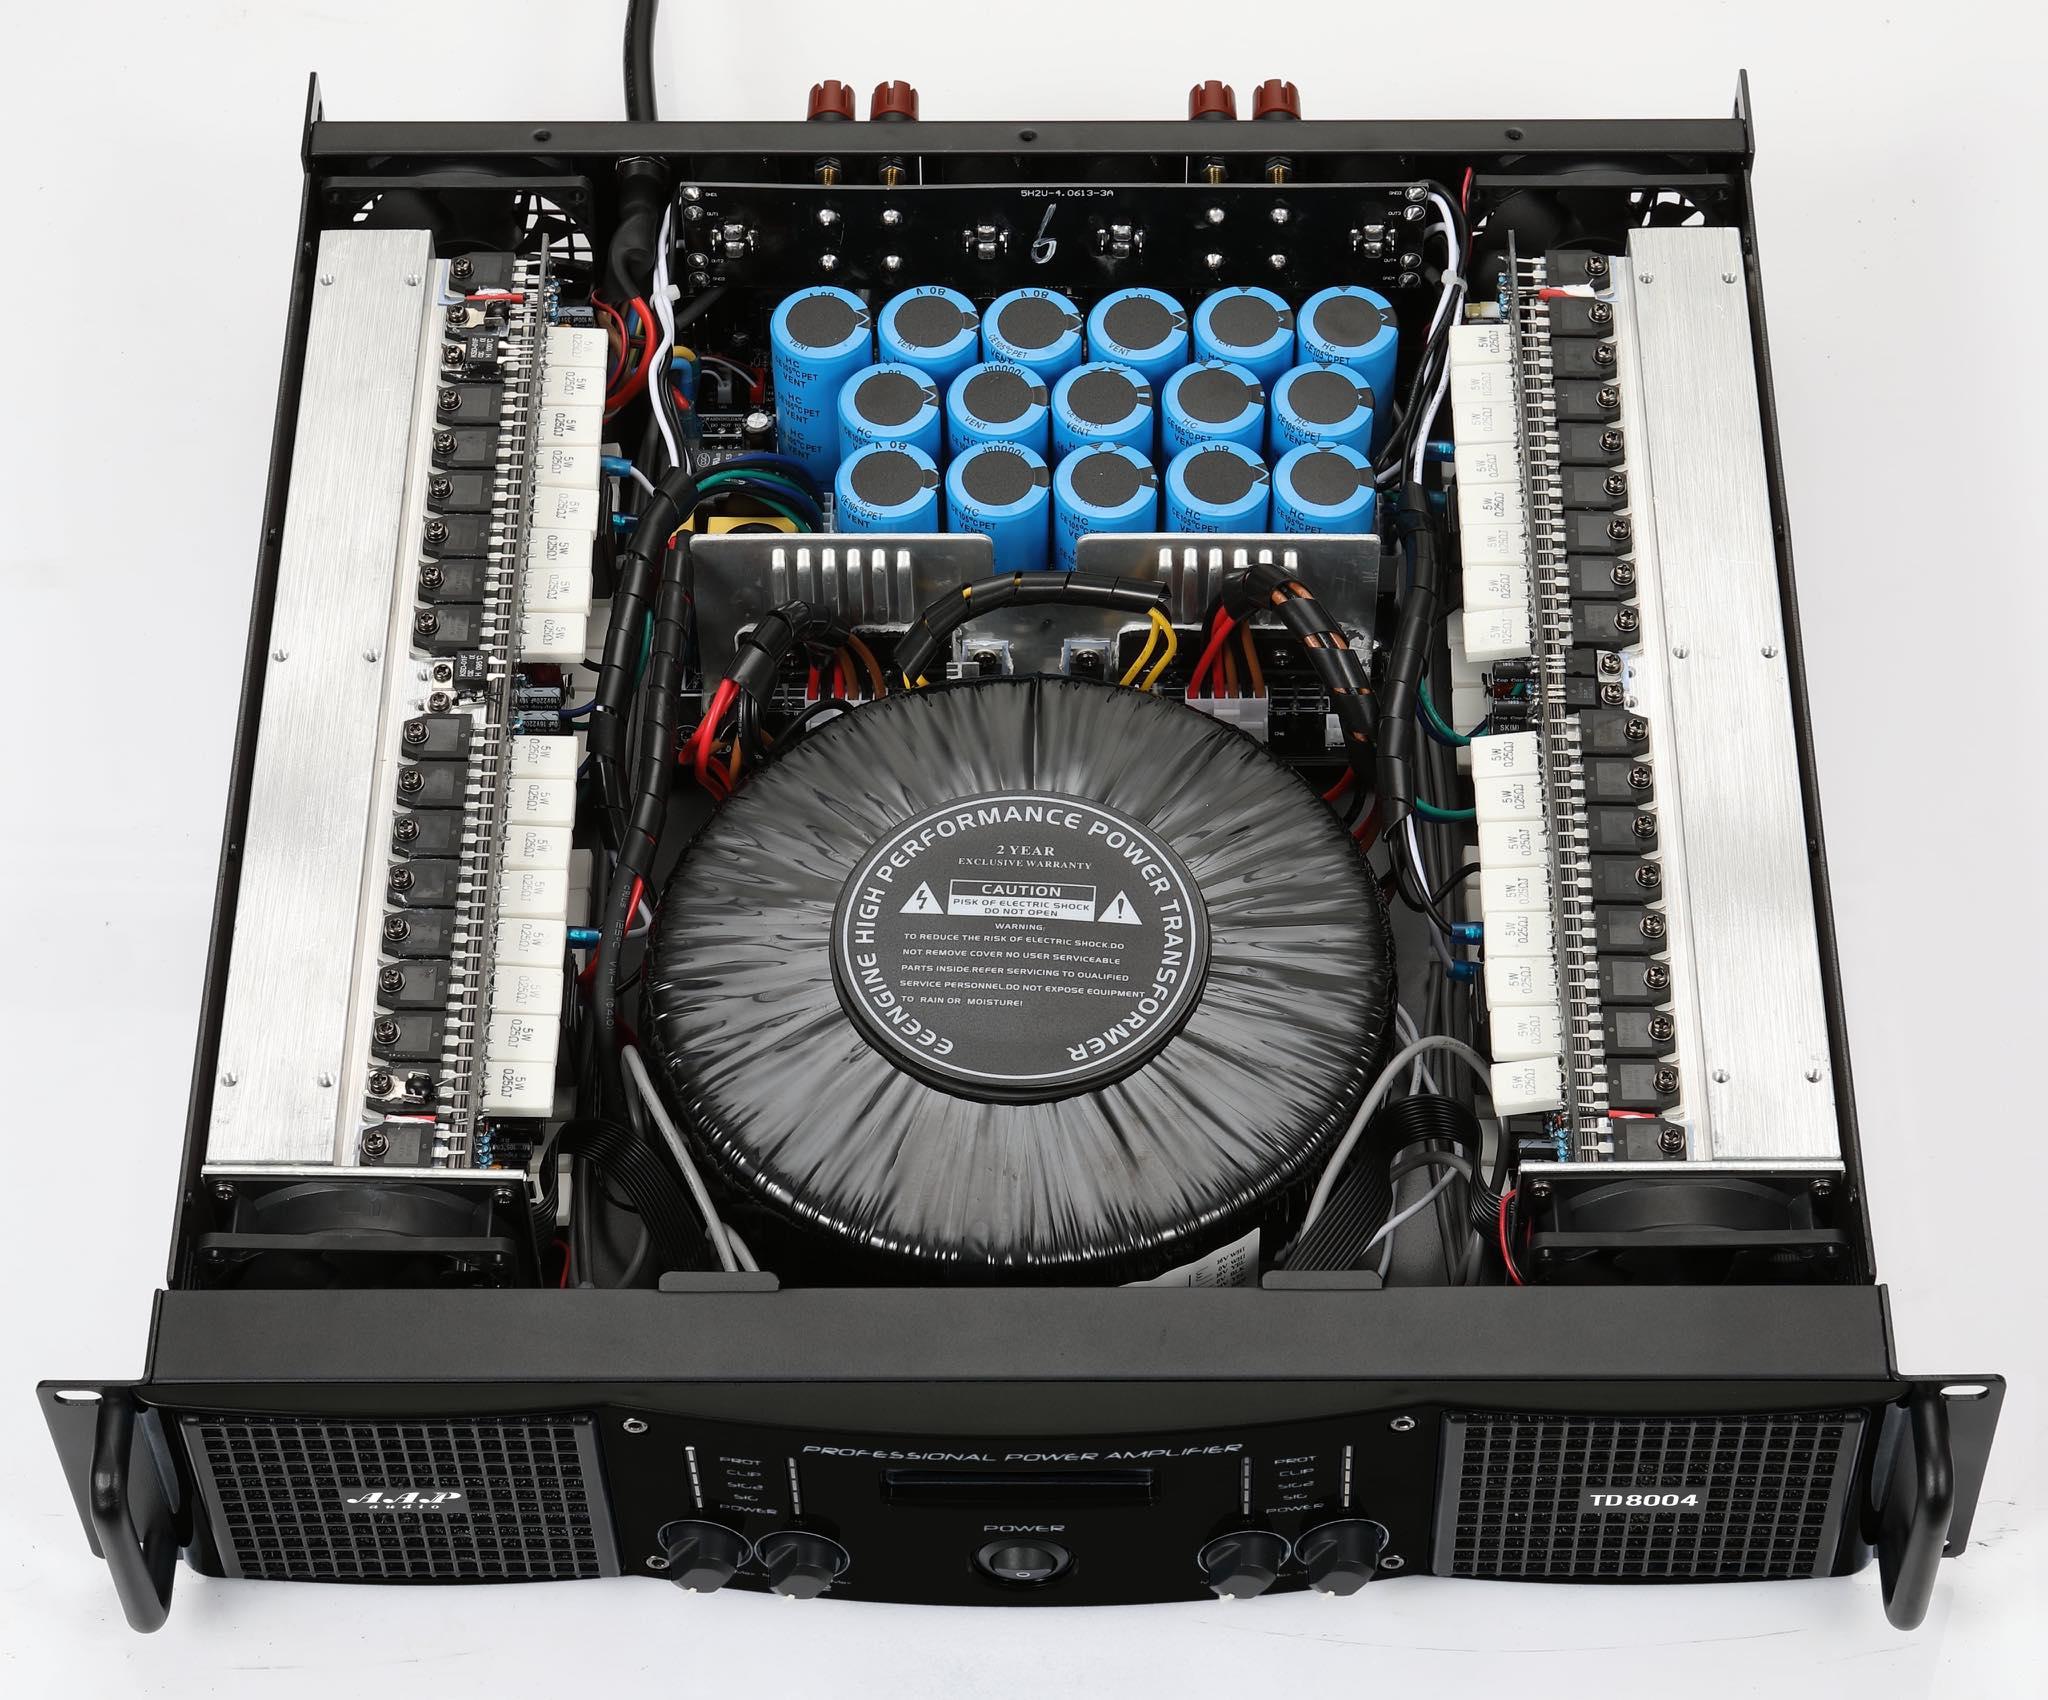 Công suất Vinktv TD8004